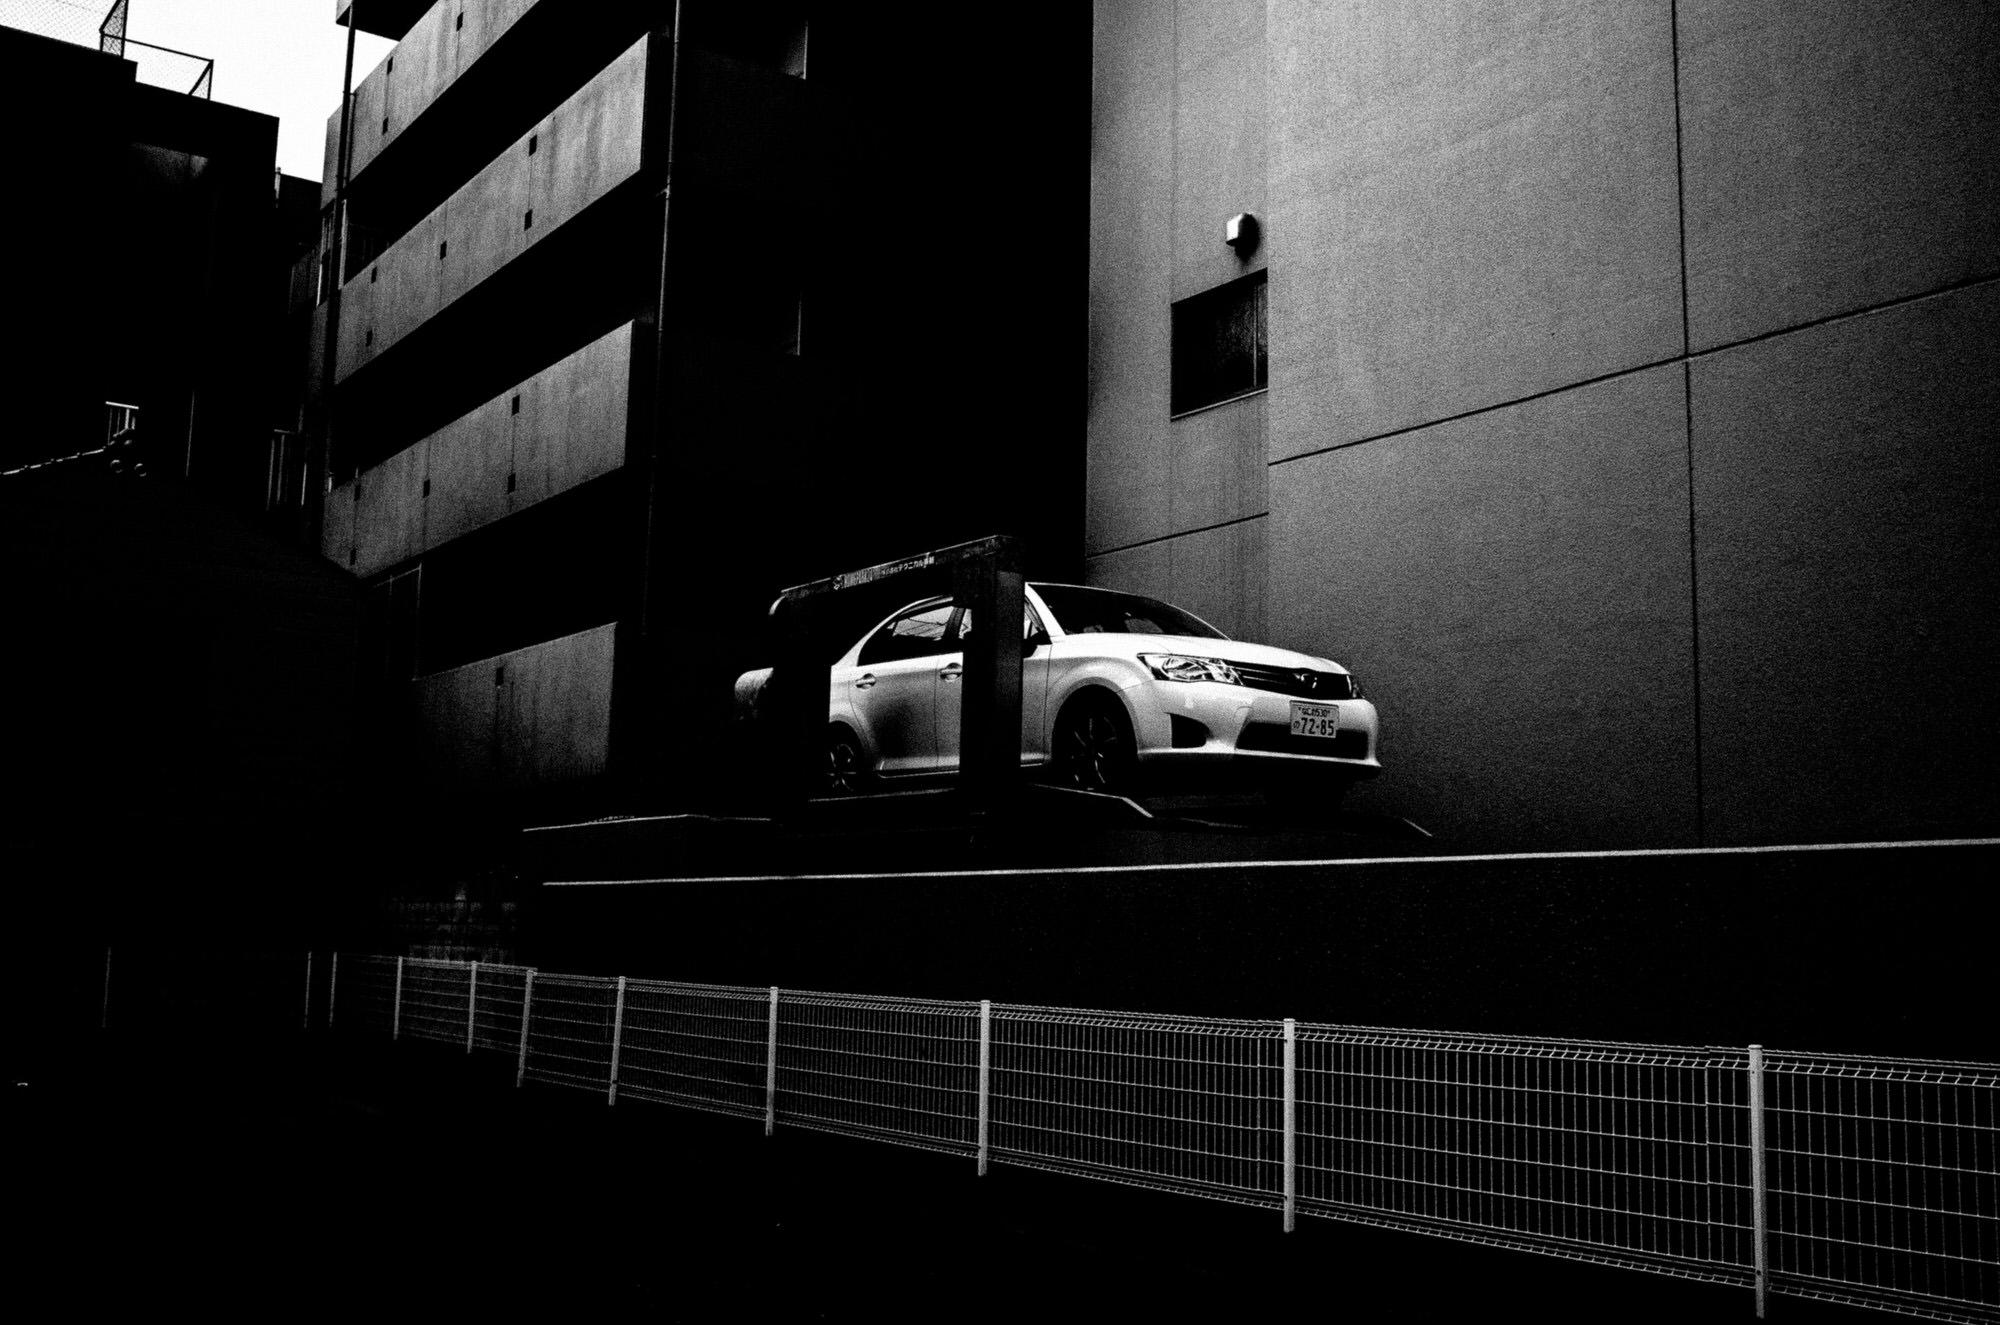 dark skies over tokyo - eric kim10